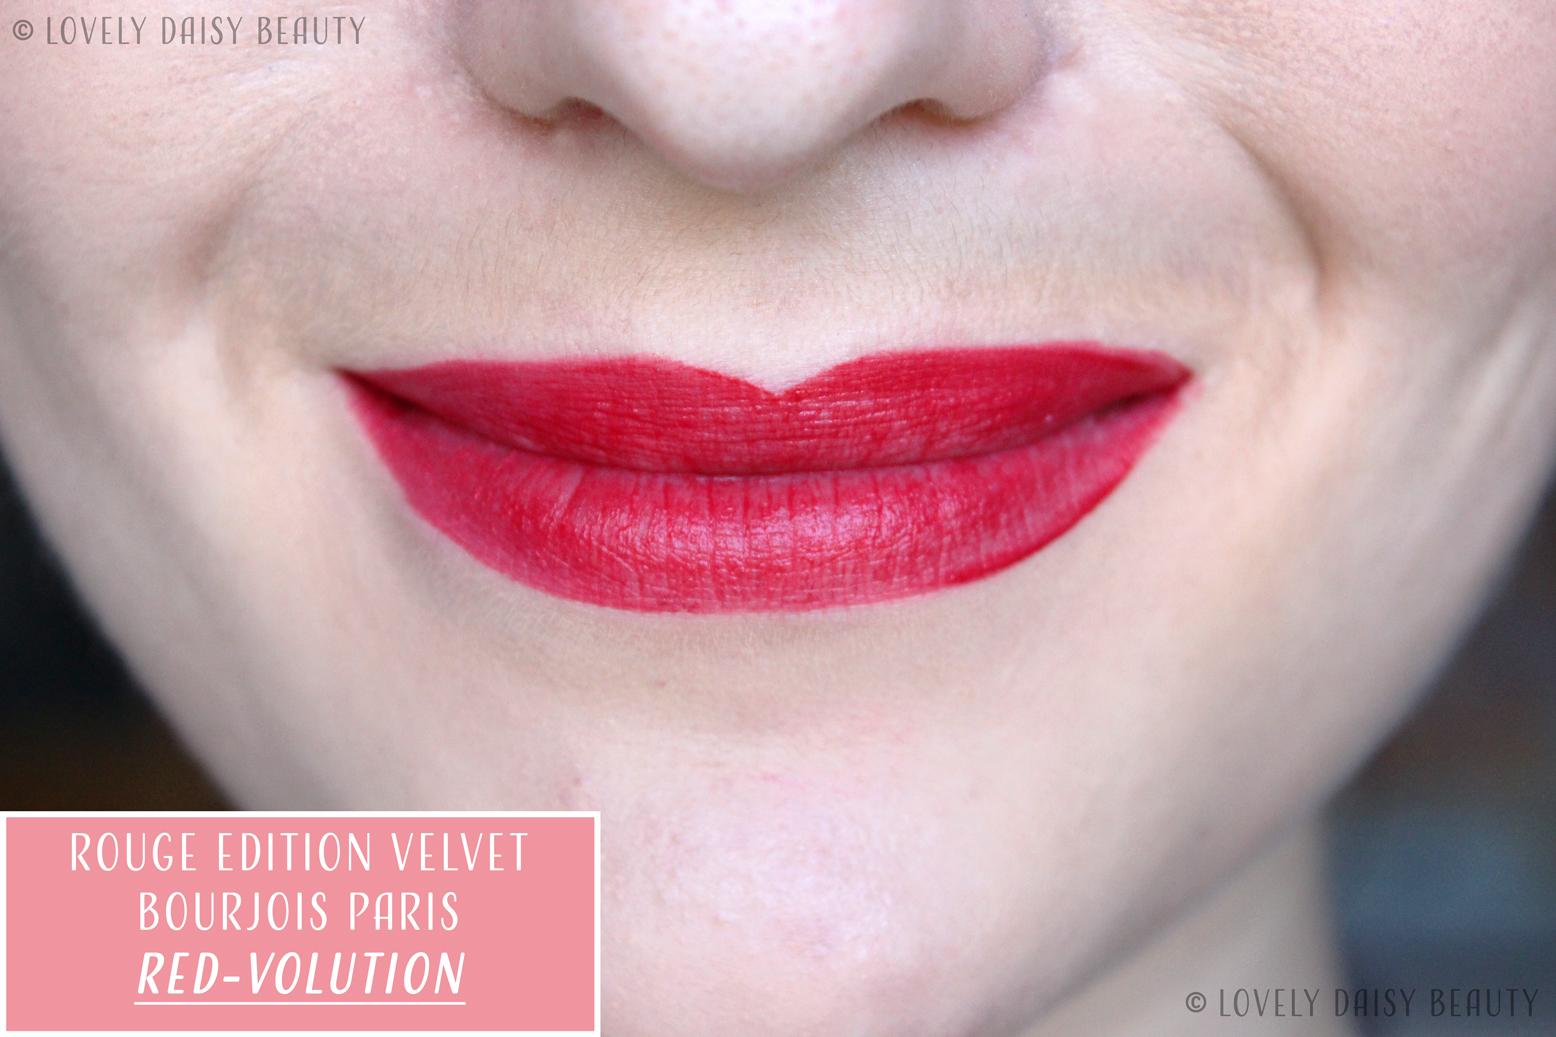 Rouge-Edition-Velvet-redvolution2